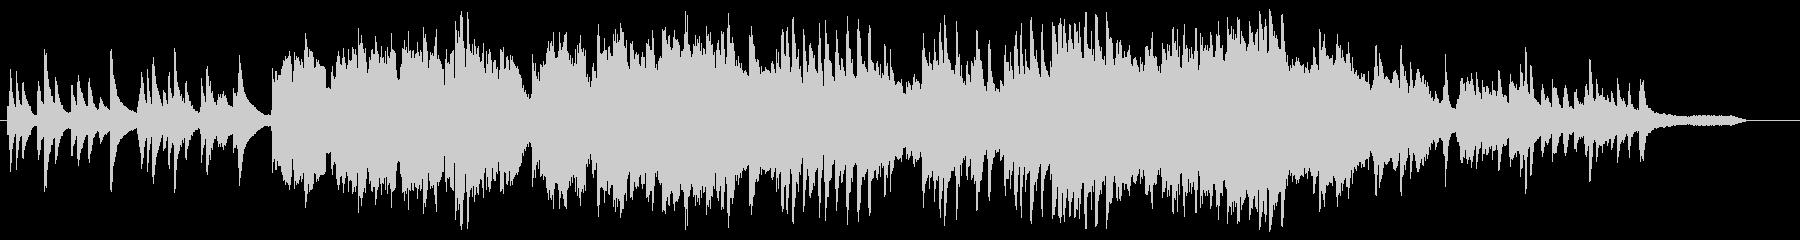 アコーディオンの響きが切ないインスト曲の未再生の波形